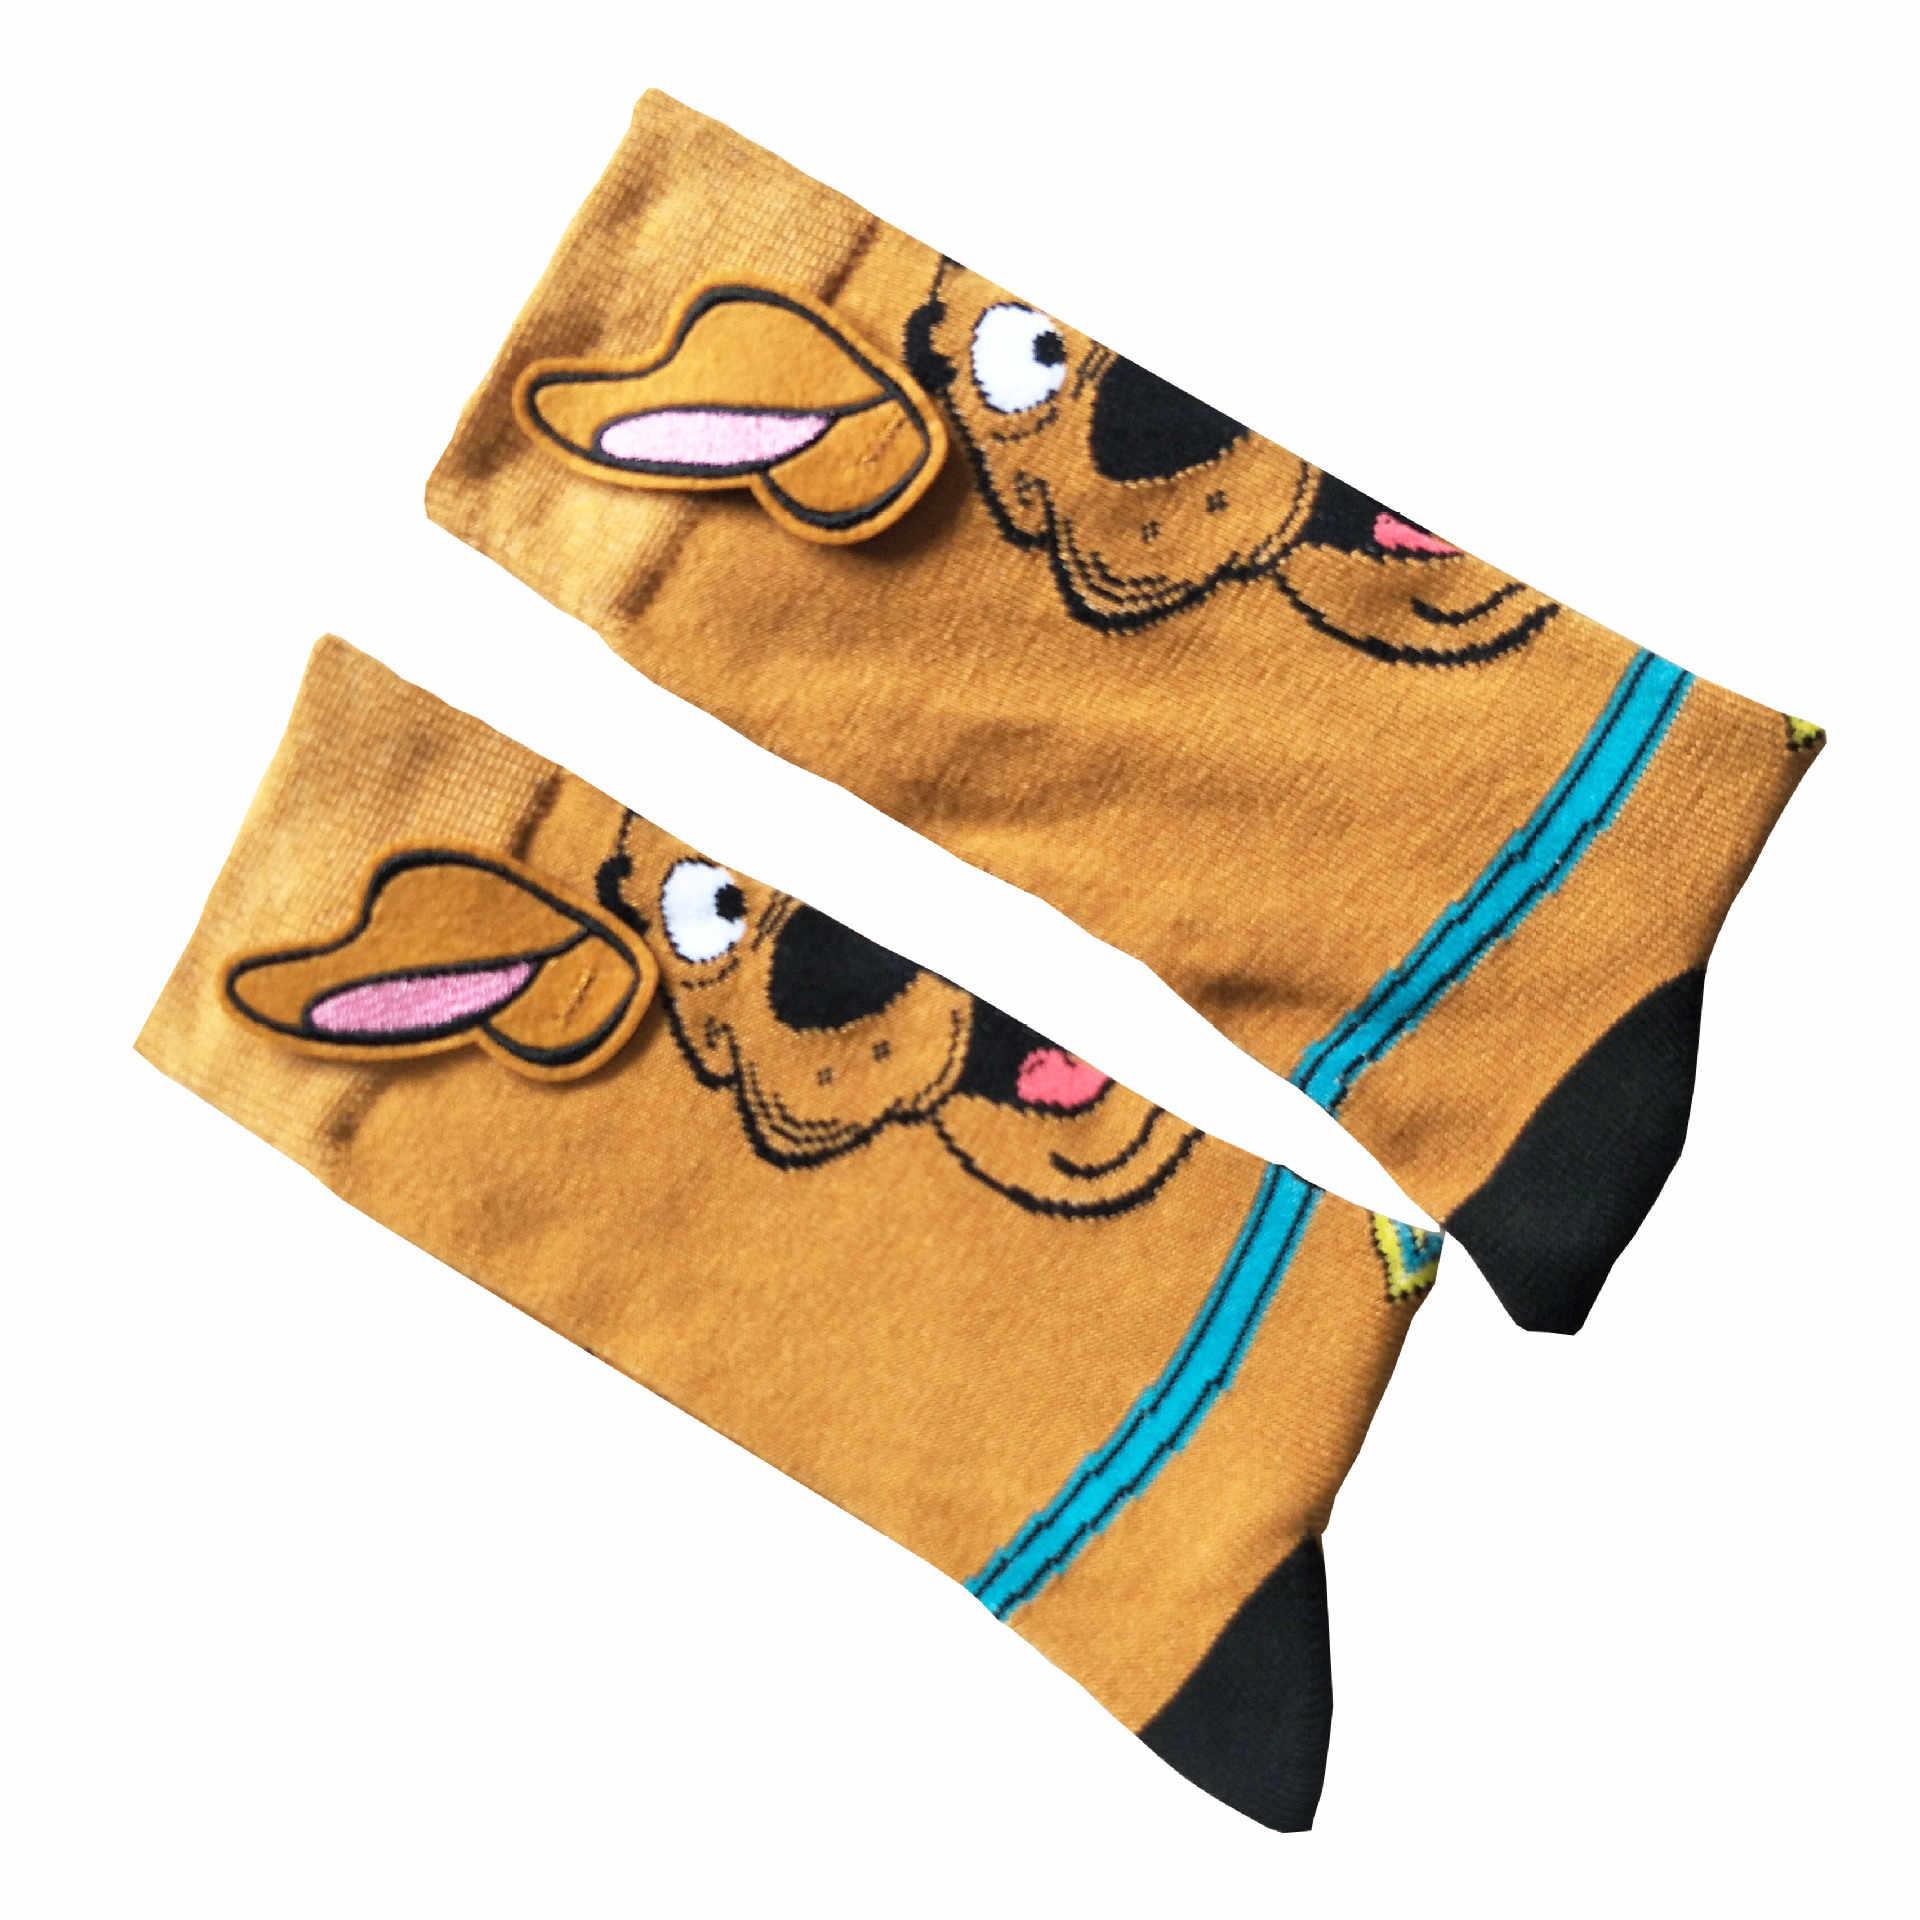 Divertente Per Adulti Casual Cute Dog Animal Calzini E Calzettoni Crew Calzini E Calzettoni di Modo Confortevole Cotone di Alta Qualità Calzini E Calzettoni